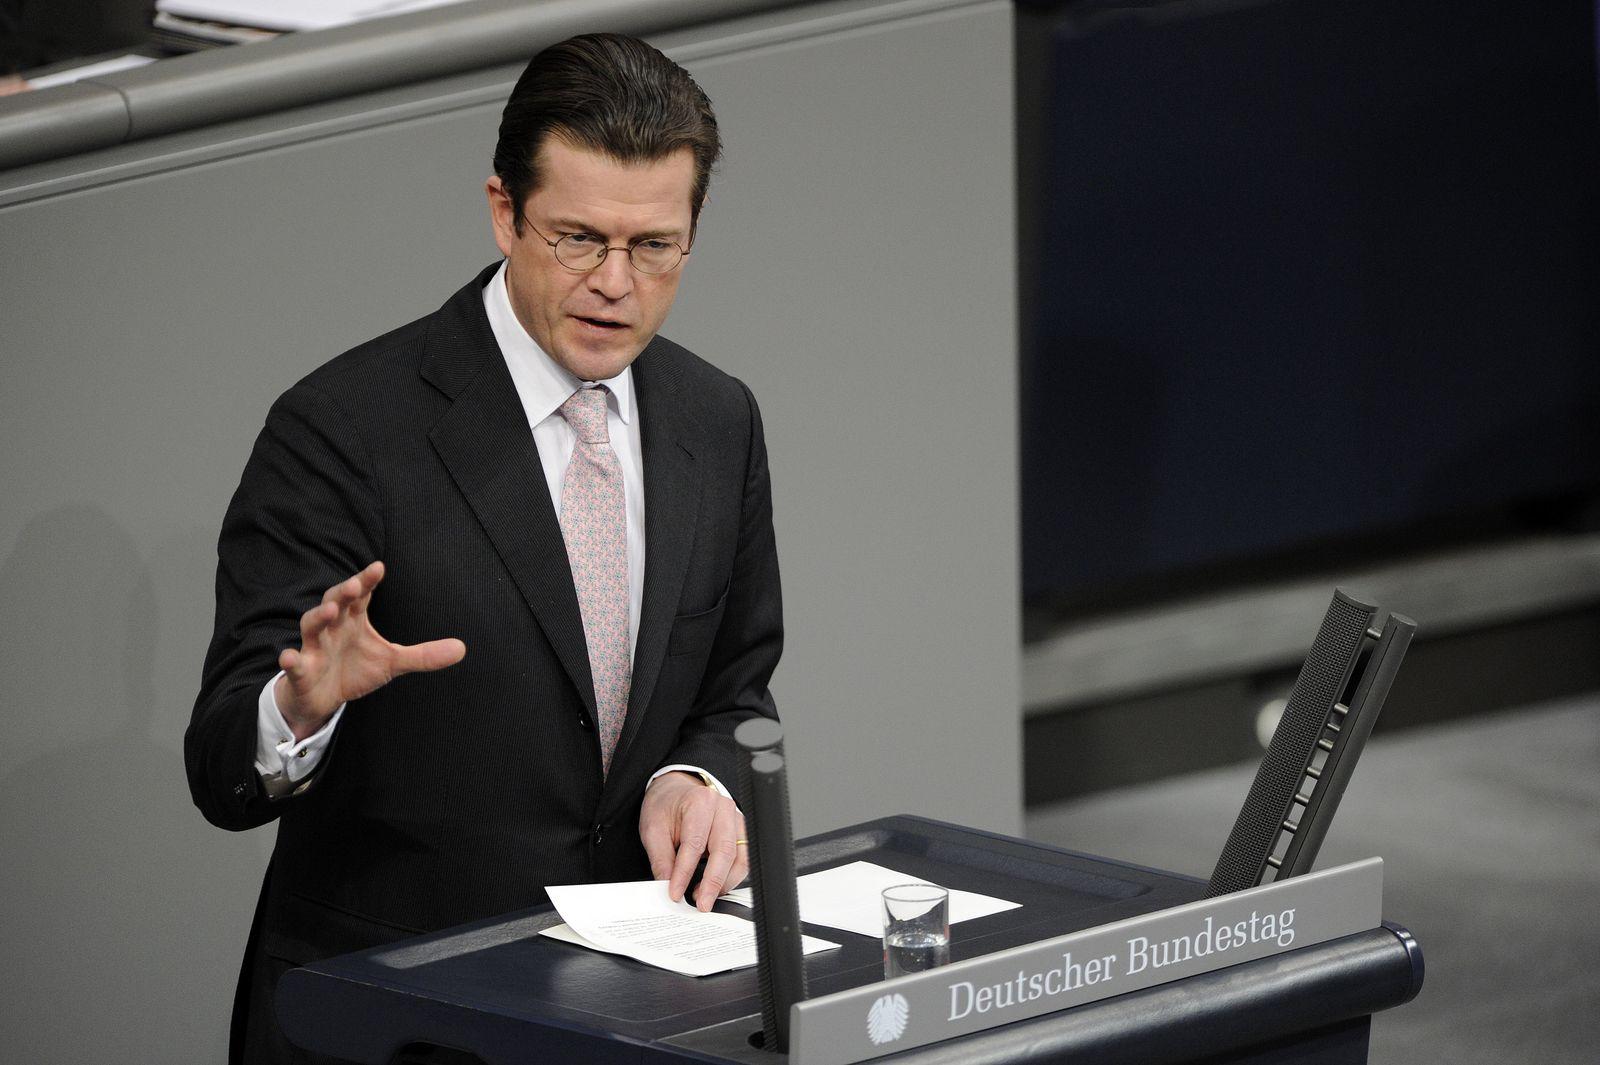 Guttenberg / Bundestag